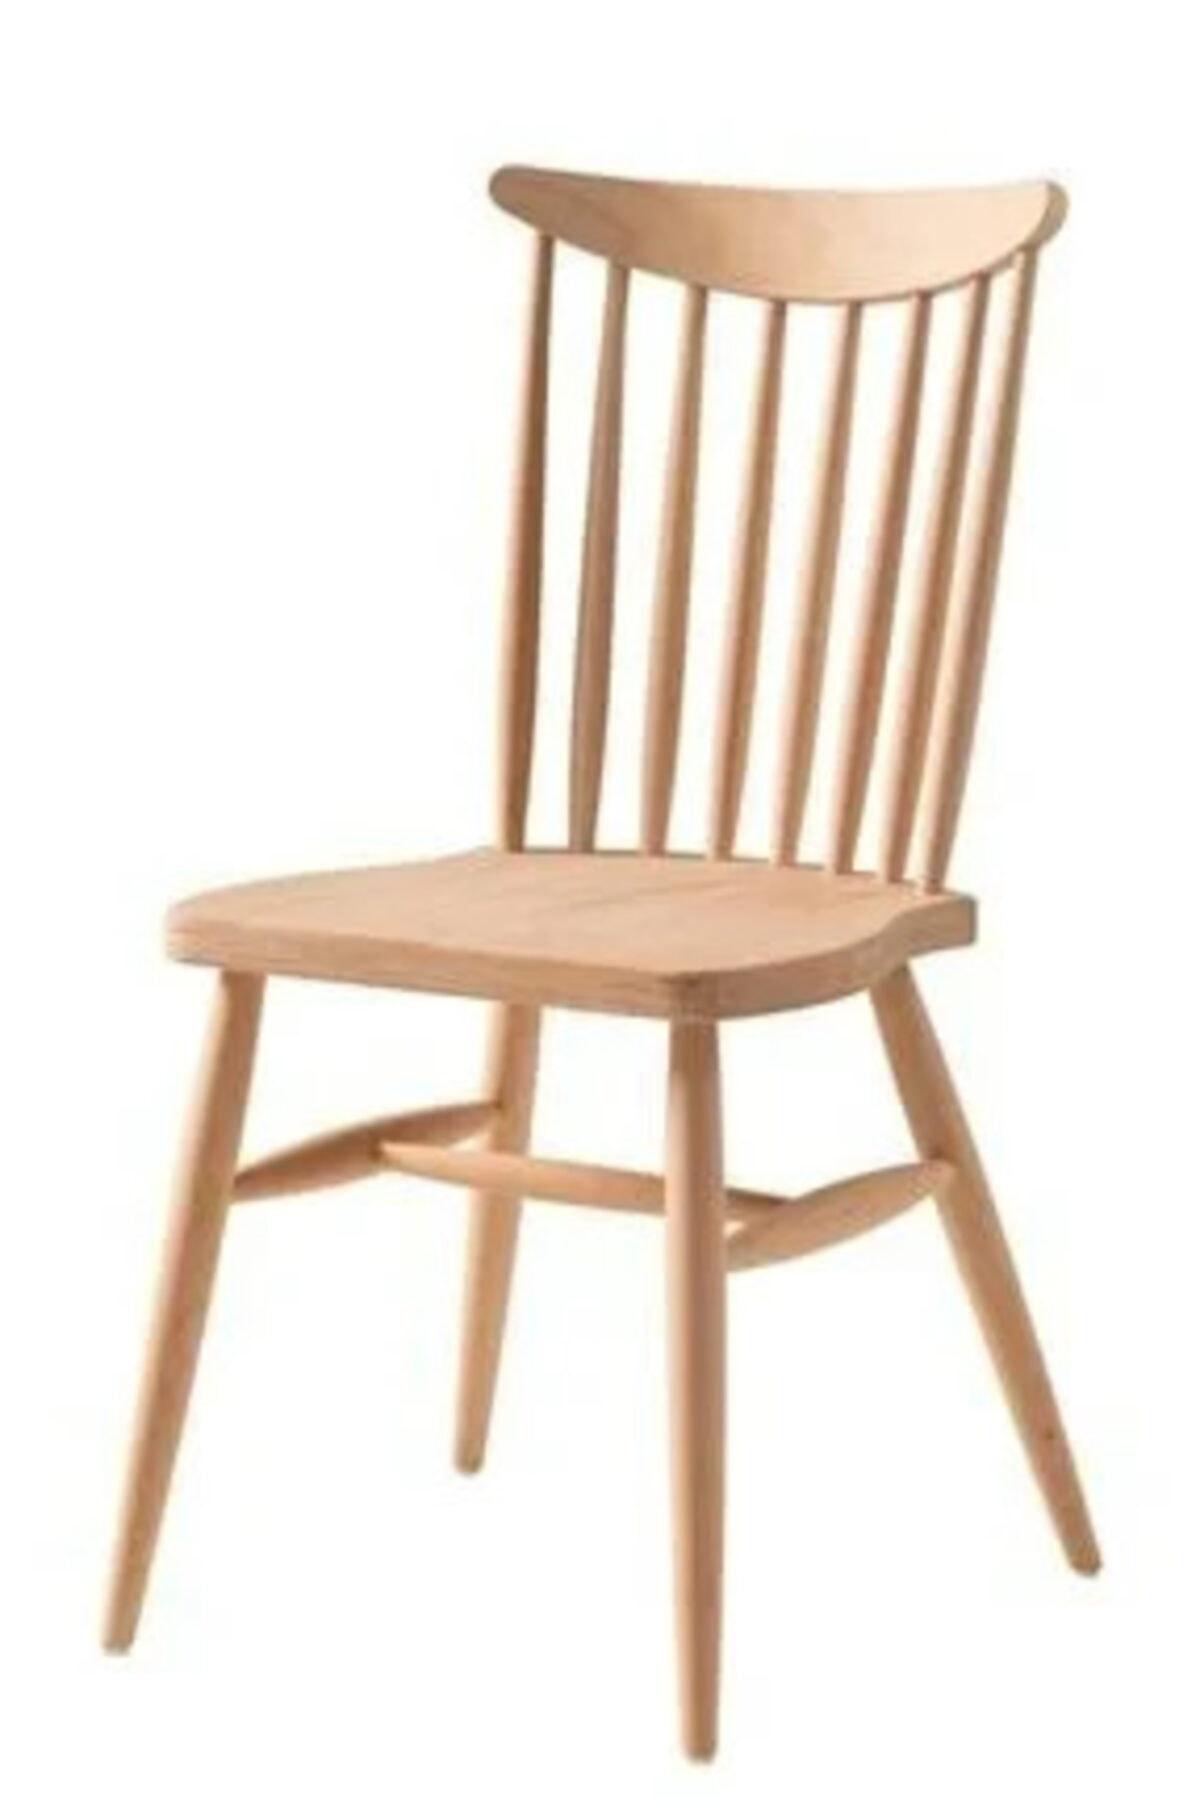 Yıldız Sandalye Cilasız Ahşap